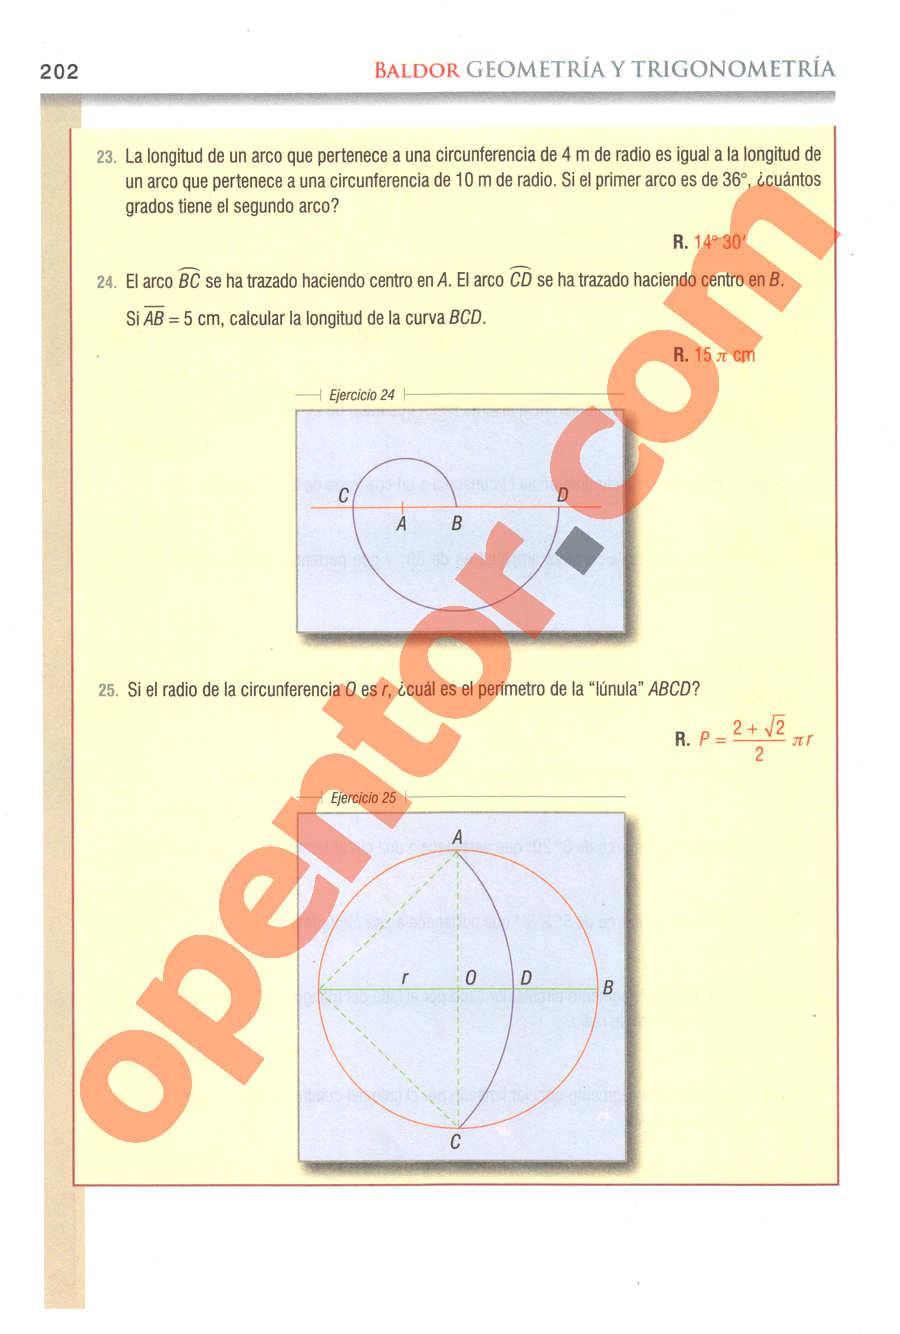 Geometría y Trigonometría de Baldor - Página 202